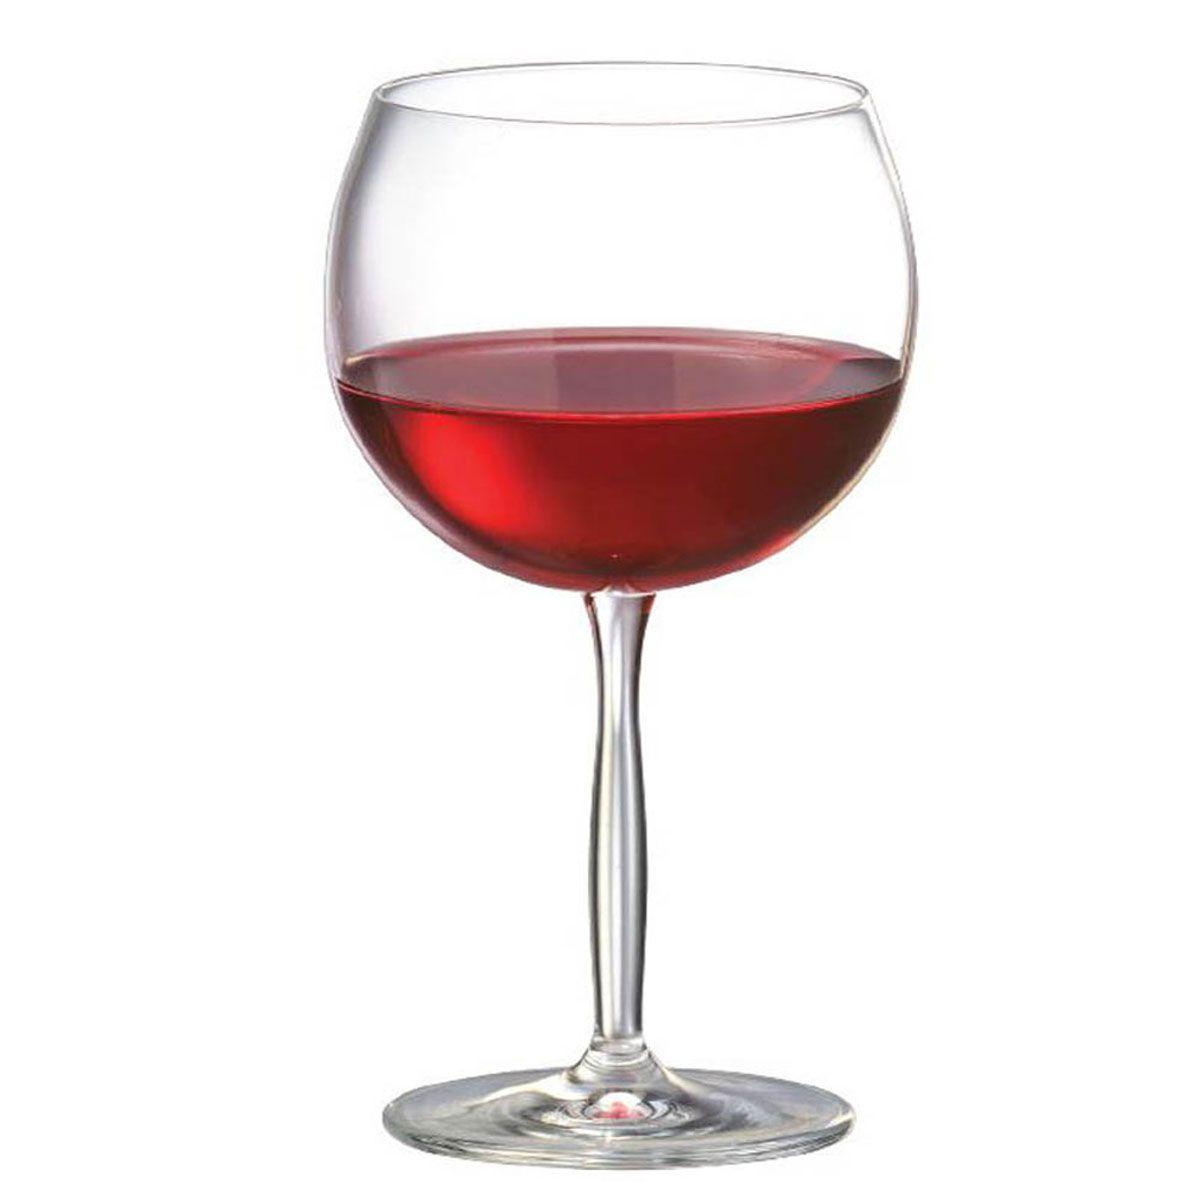 Taça de Vinho Tinto Bordeaux de Cristal 550ml